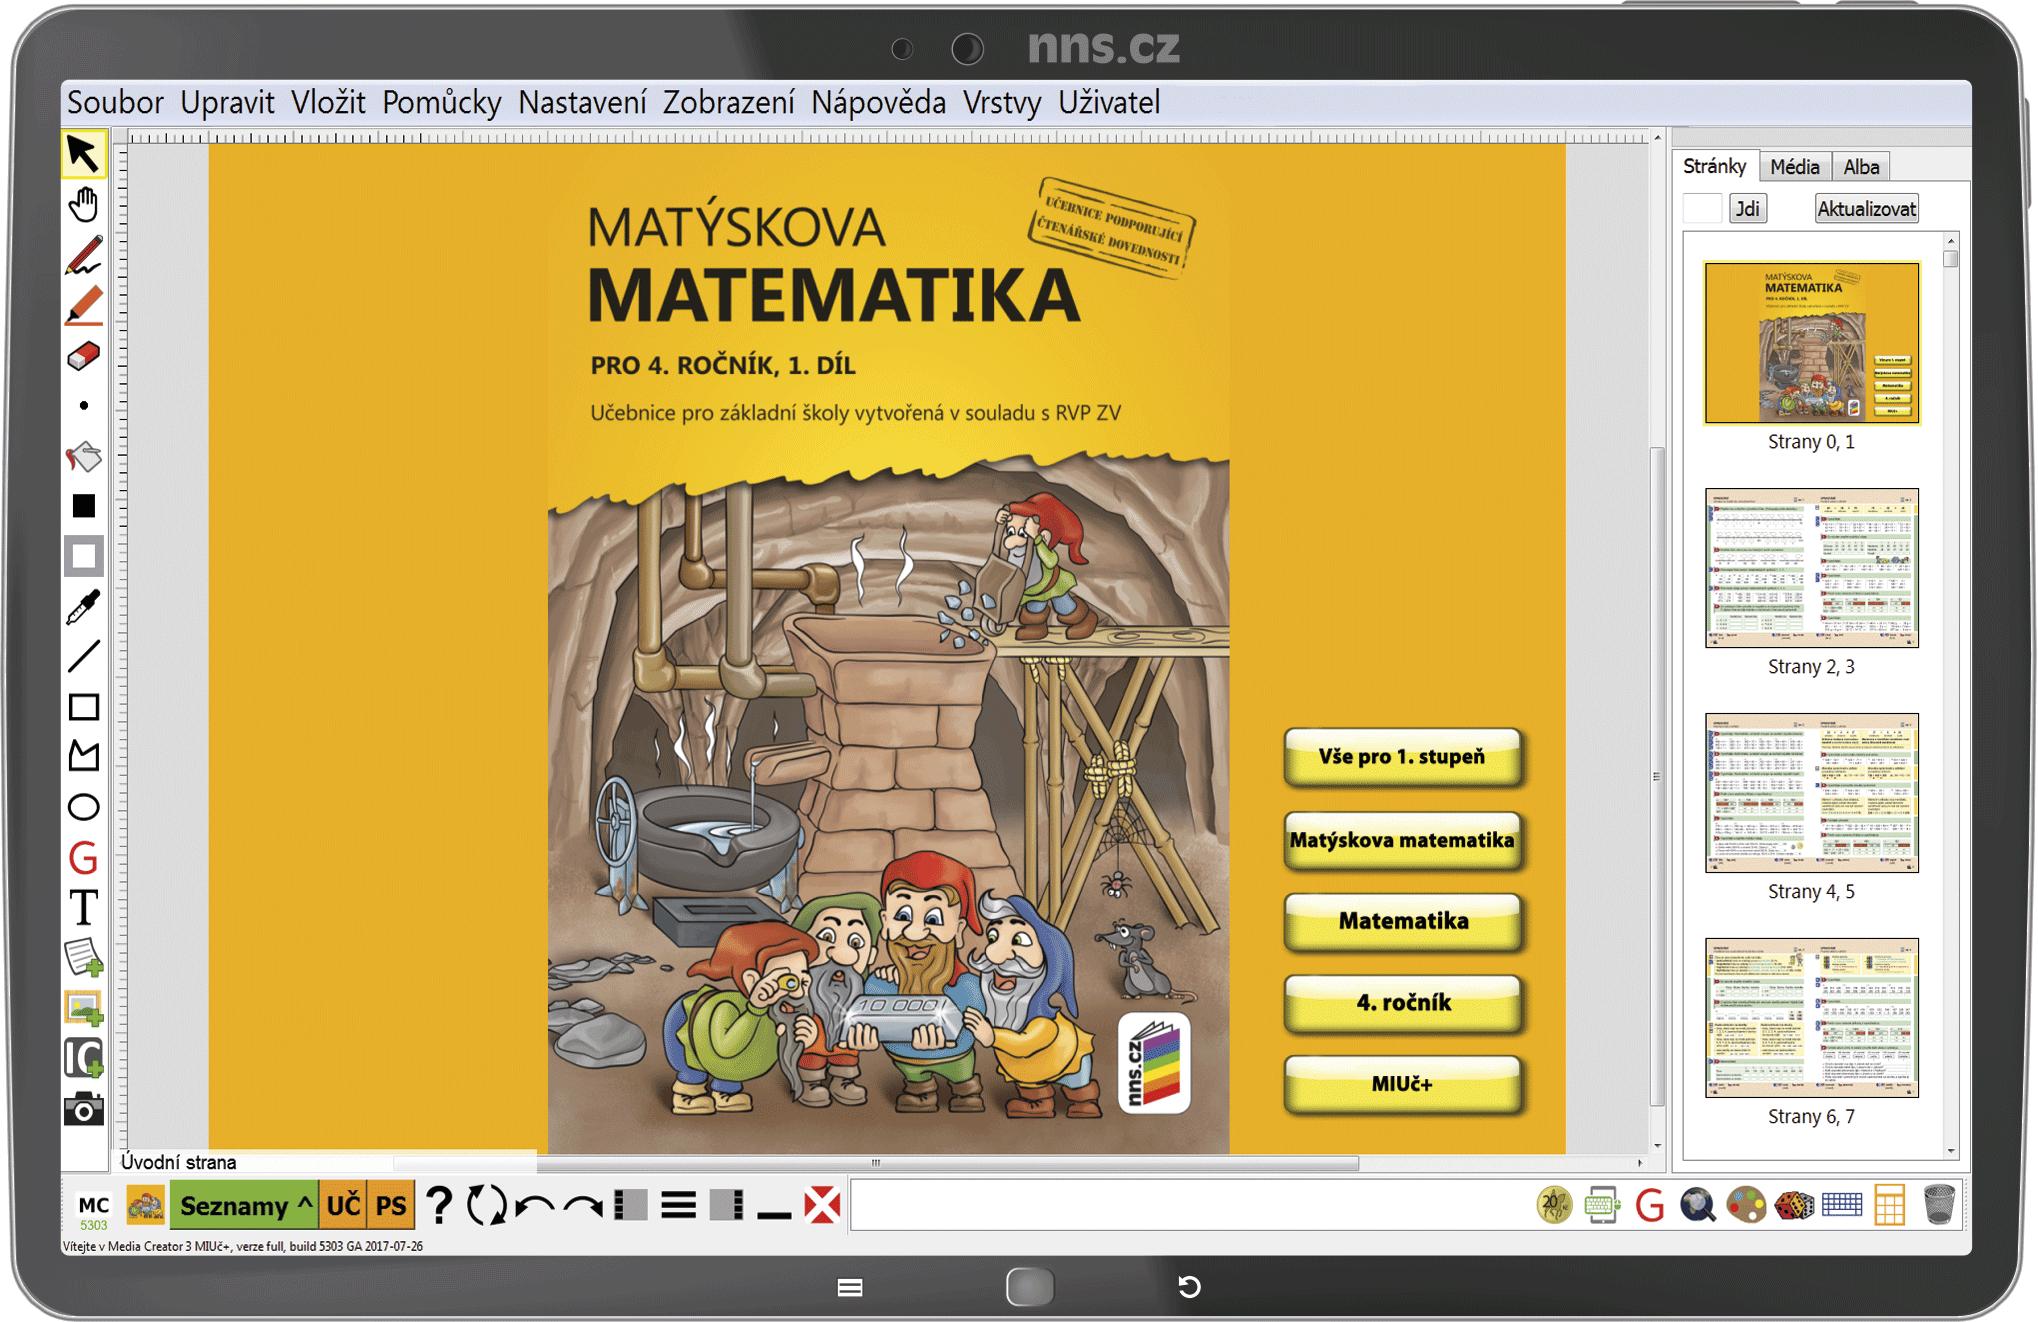 MIUč+ Matýskova matematika 4 (1. díl, 2. díl a geometrie) - žák. licence na 1 šk. rok NOVINKA